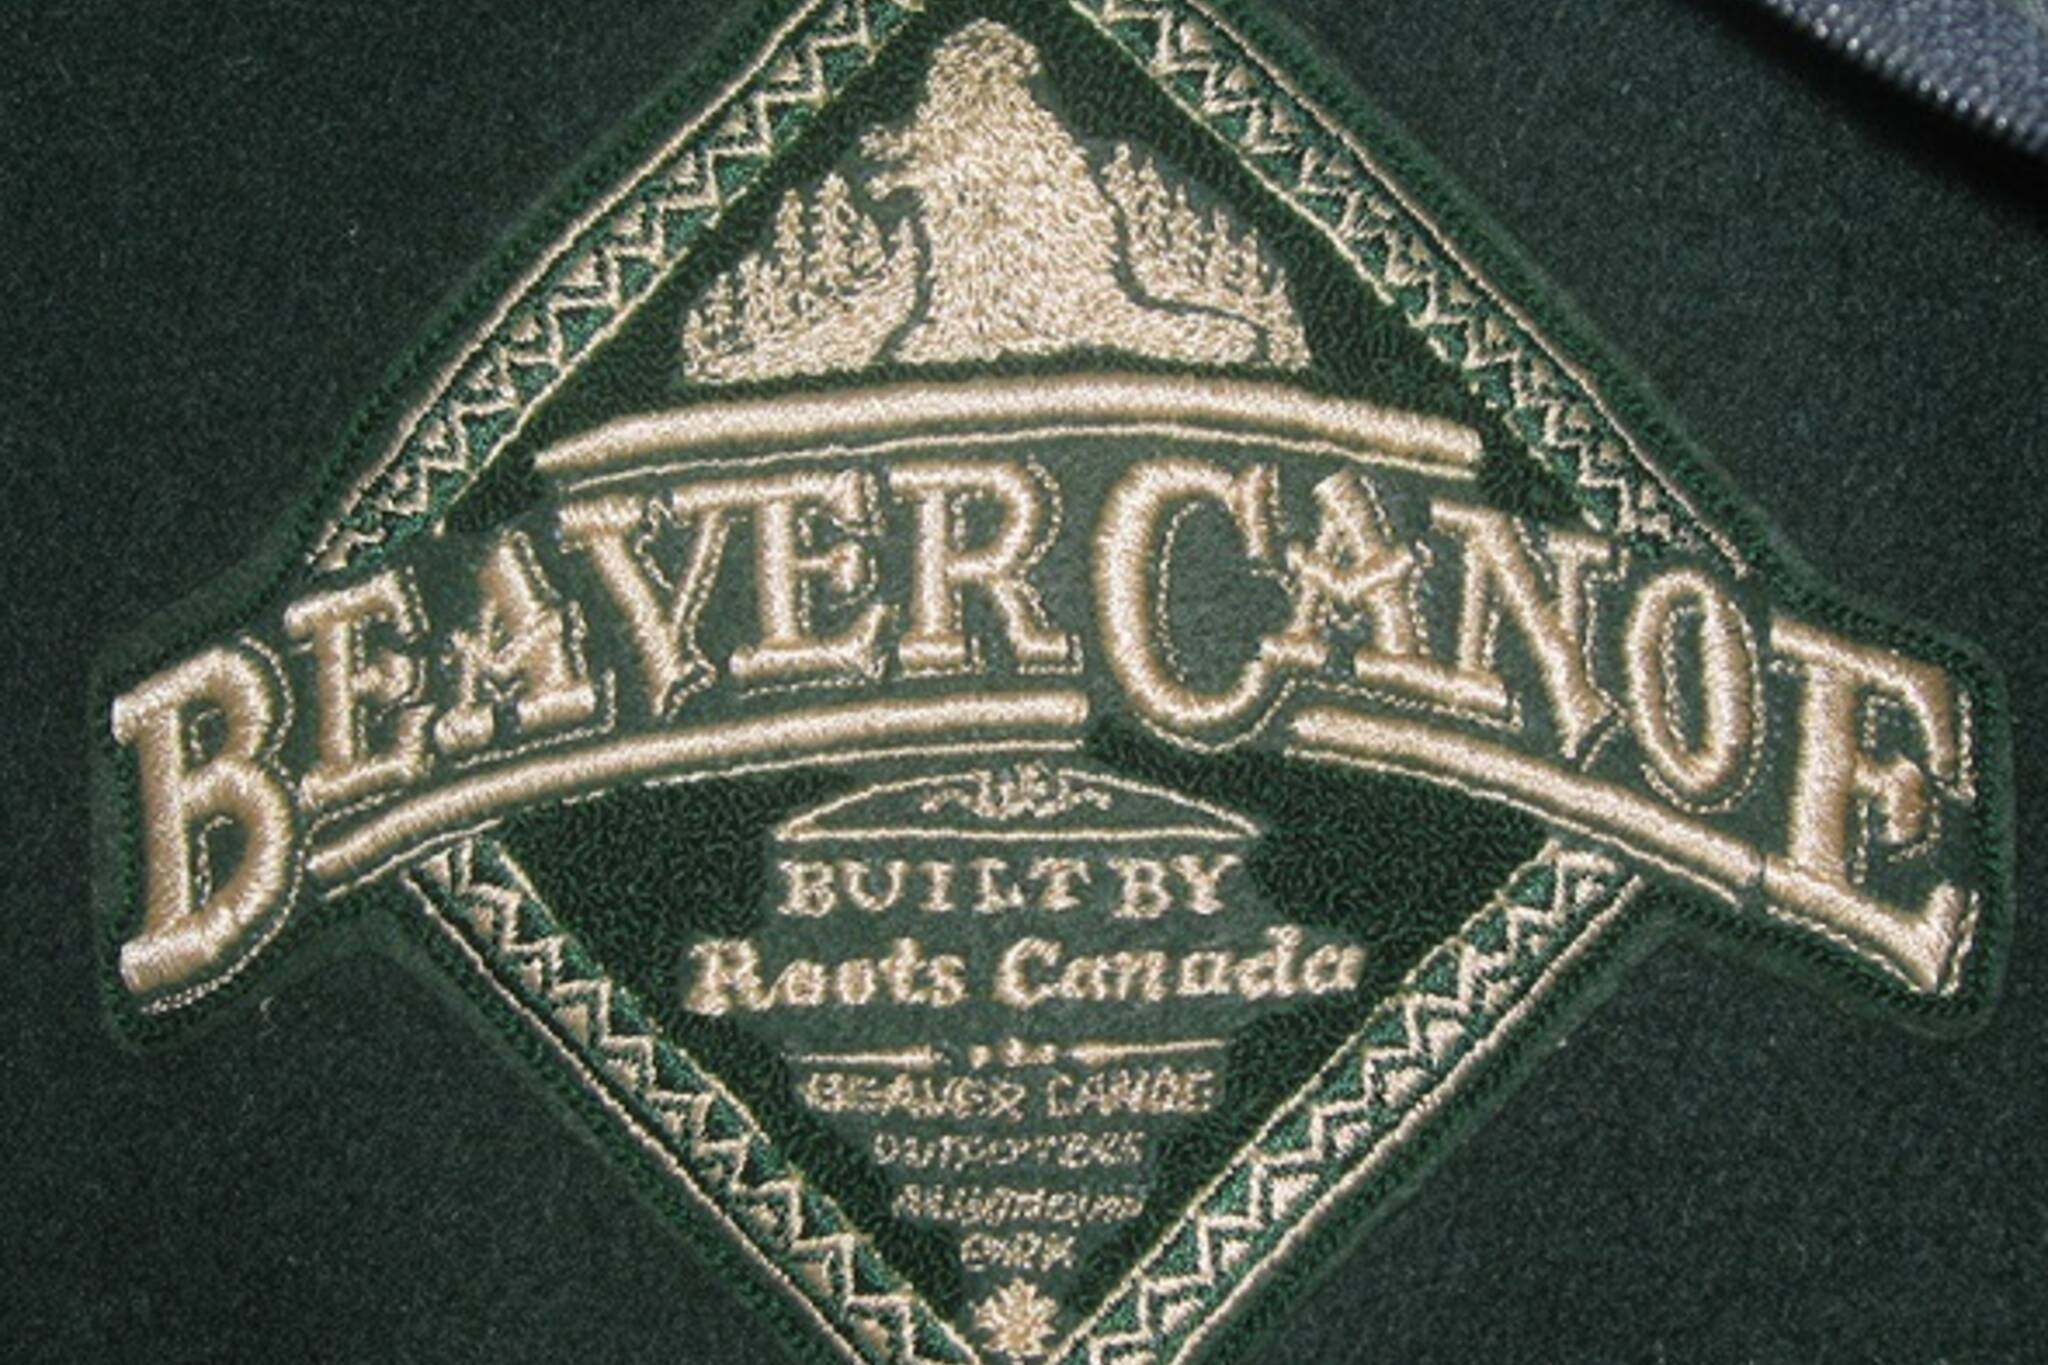 beaver canoe clothing company